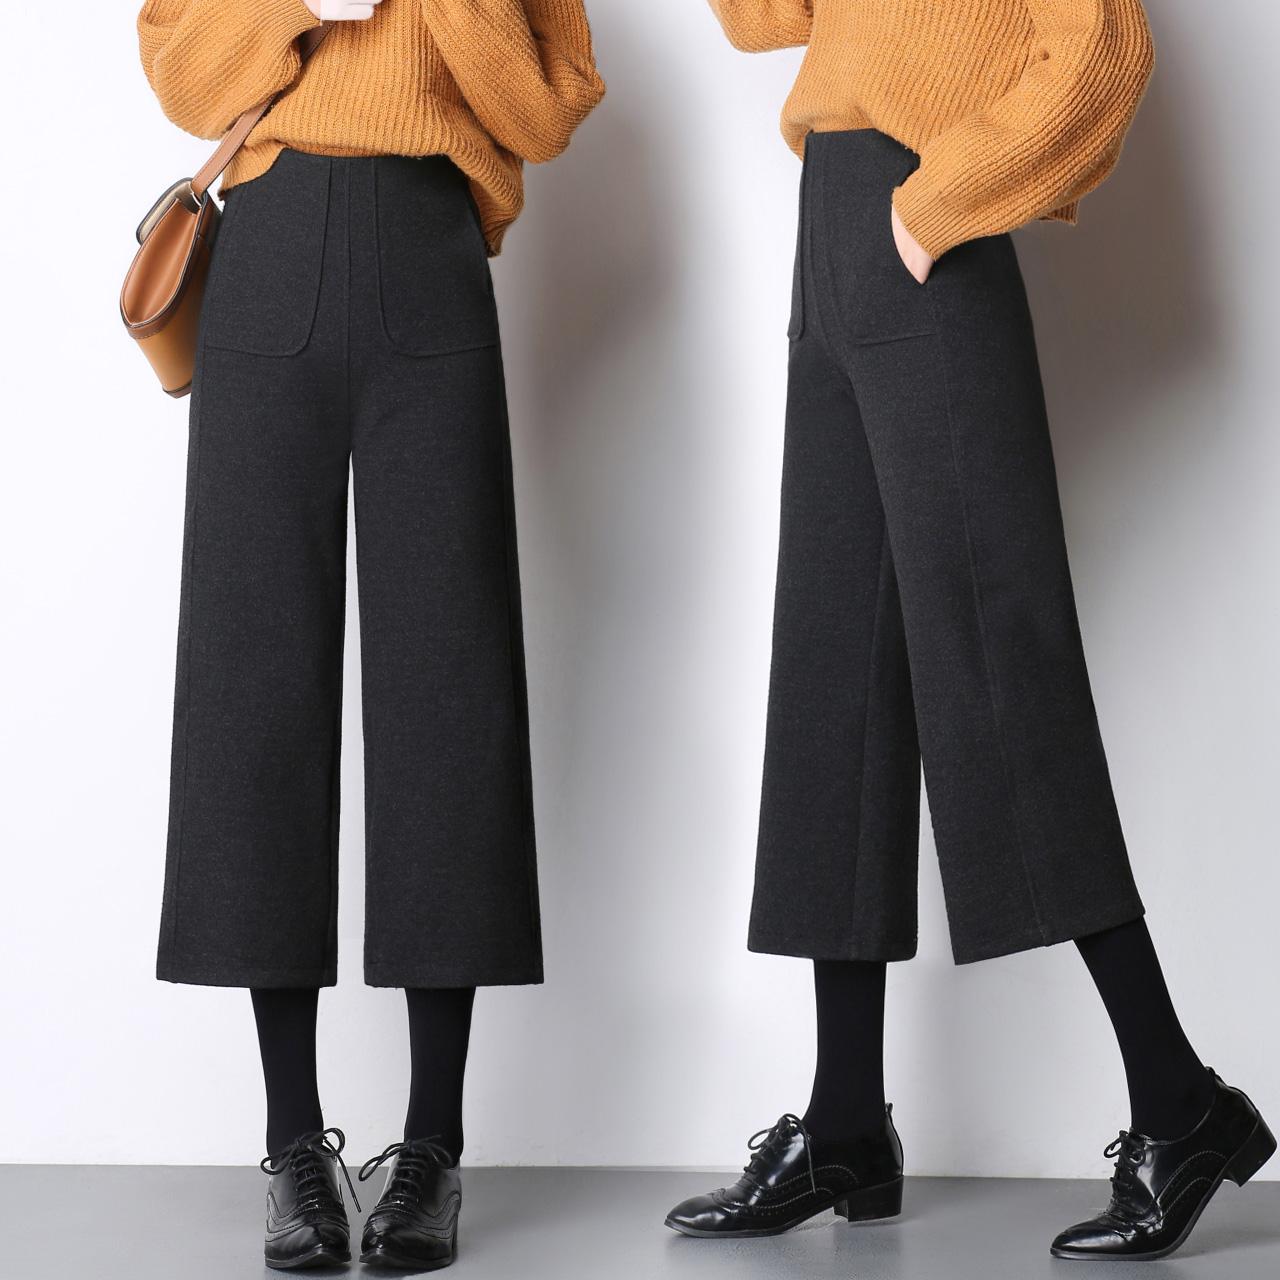 闊腿褲女九分秋冬新款毛呢韓版加厚高腰直筒褲寬松休閑文藝寬腿褲